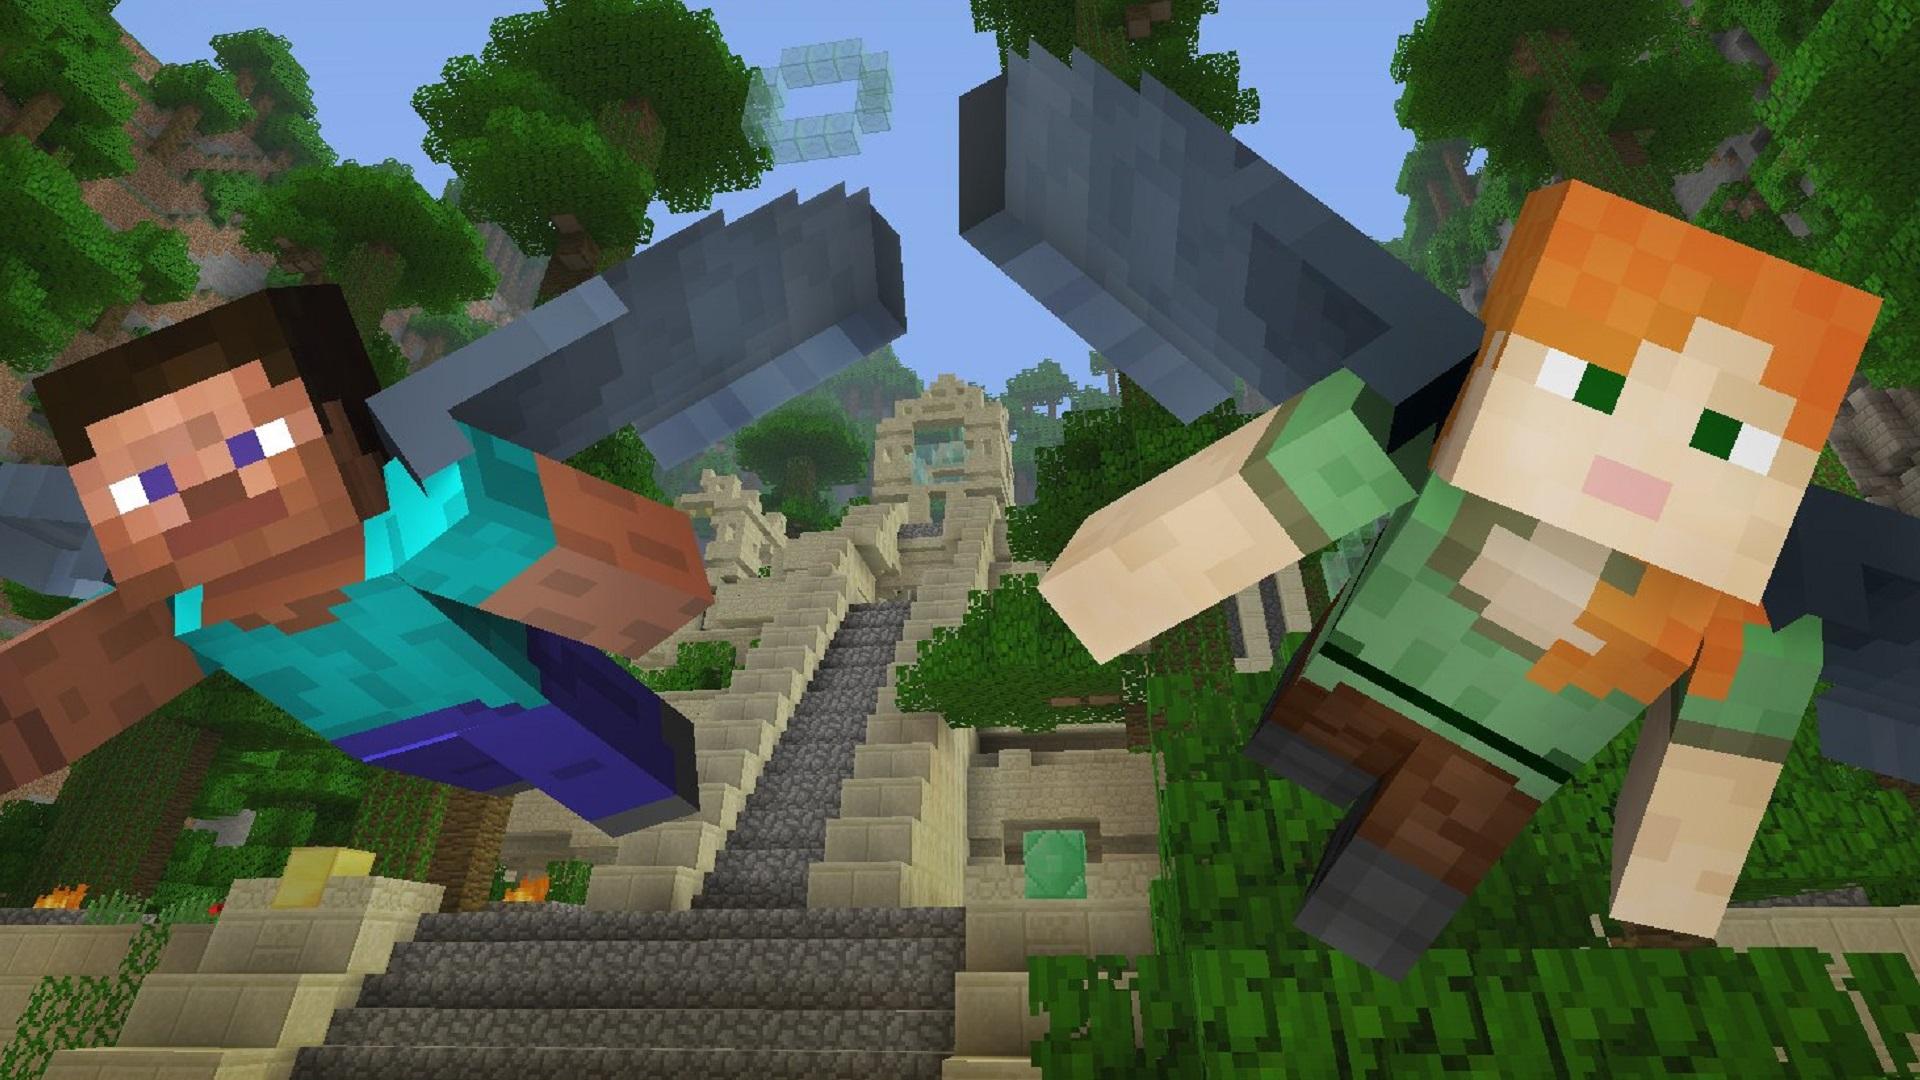 Minecraft Spielen Deutsch Minecraft Spieler Kpfe Bekommen Befehl - Minecraft spielerkopfe erstellen